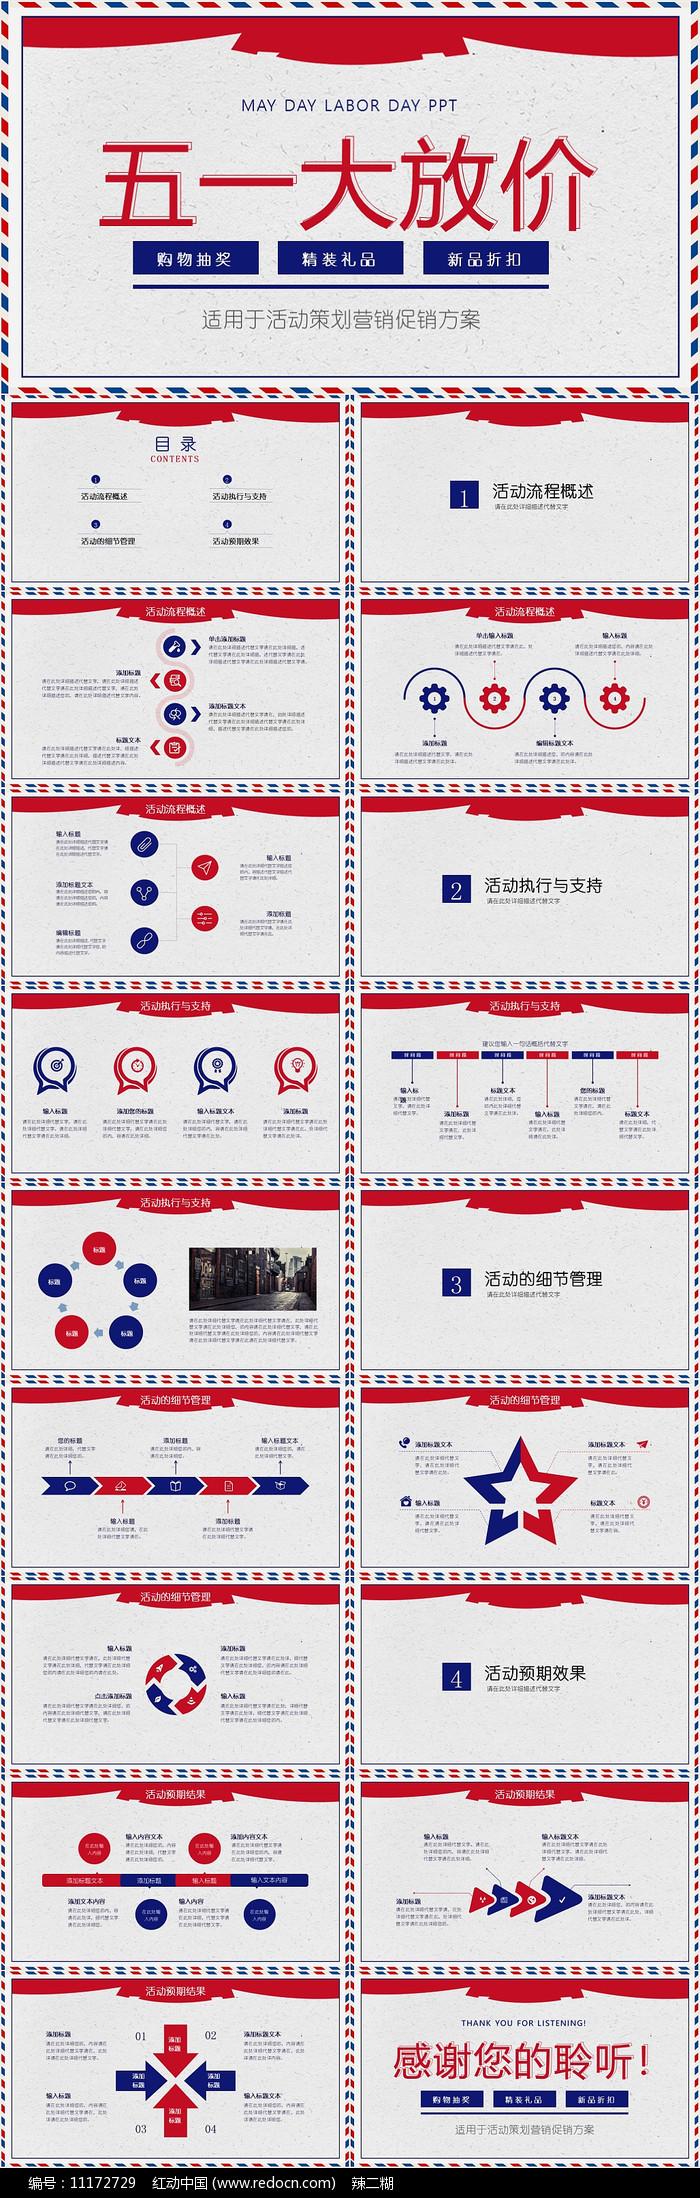 五一劳动节促销活动方案策划PPT模板图片